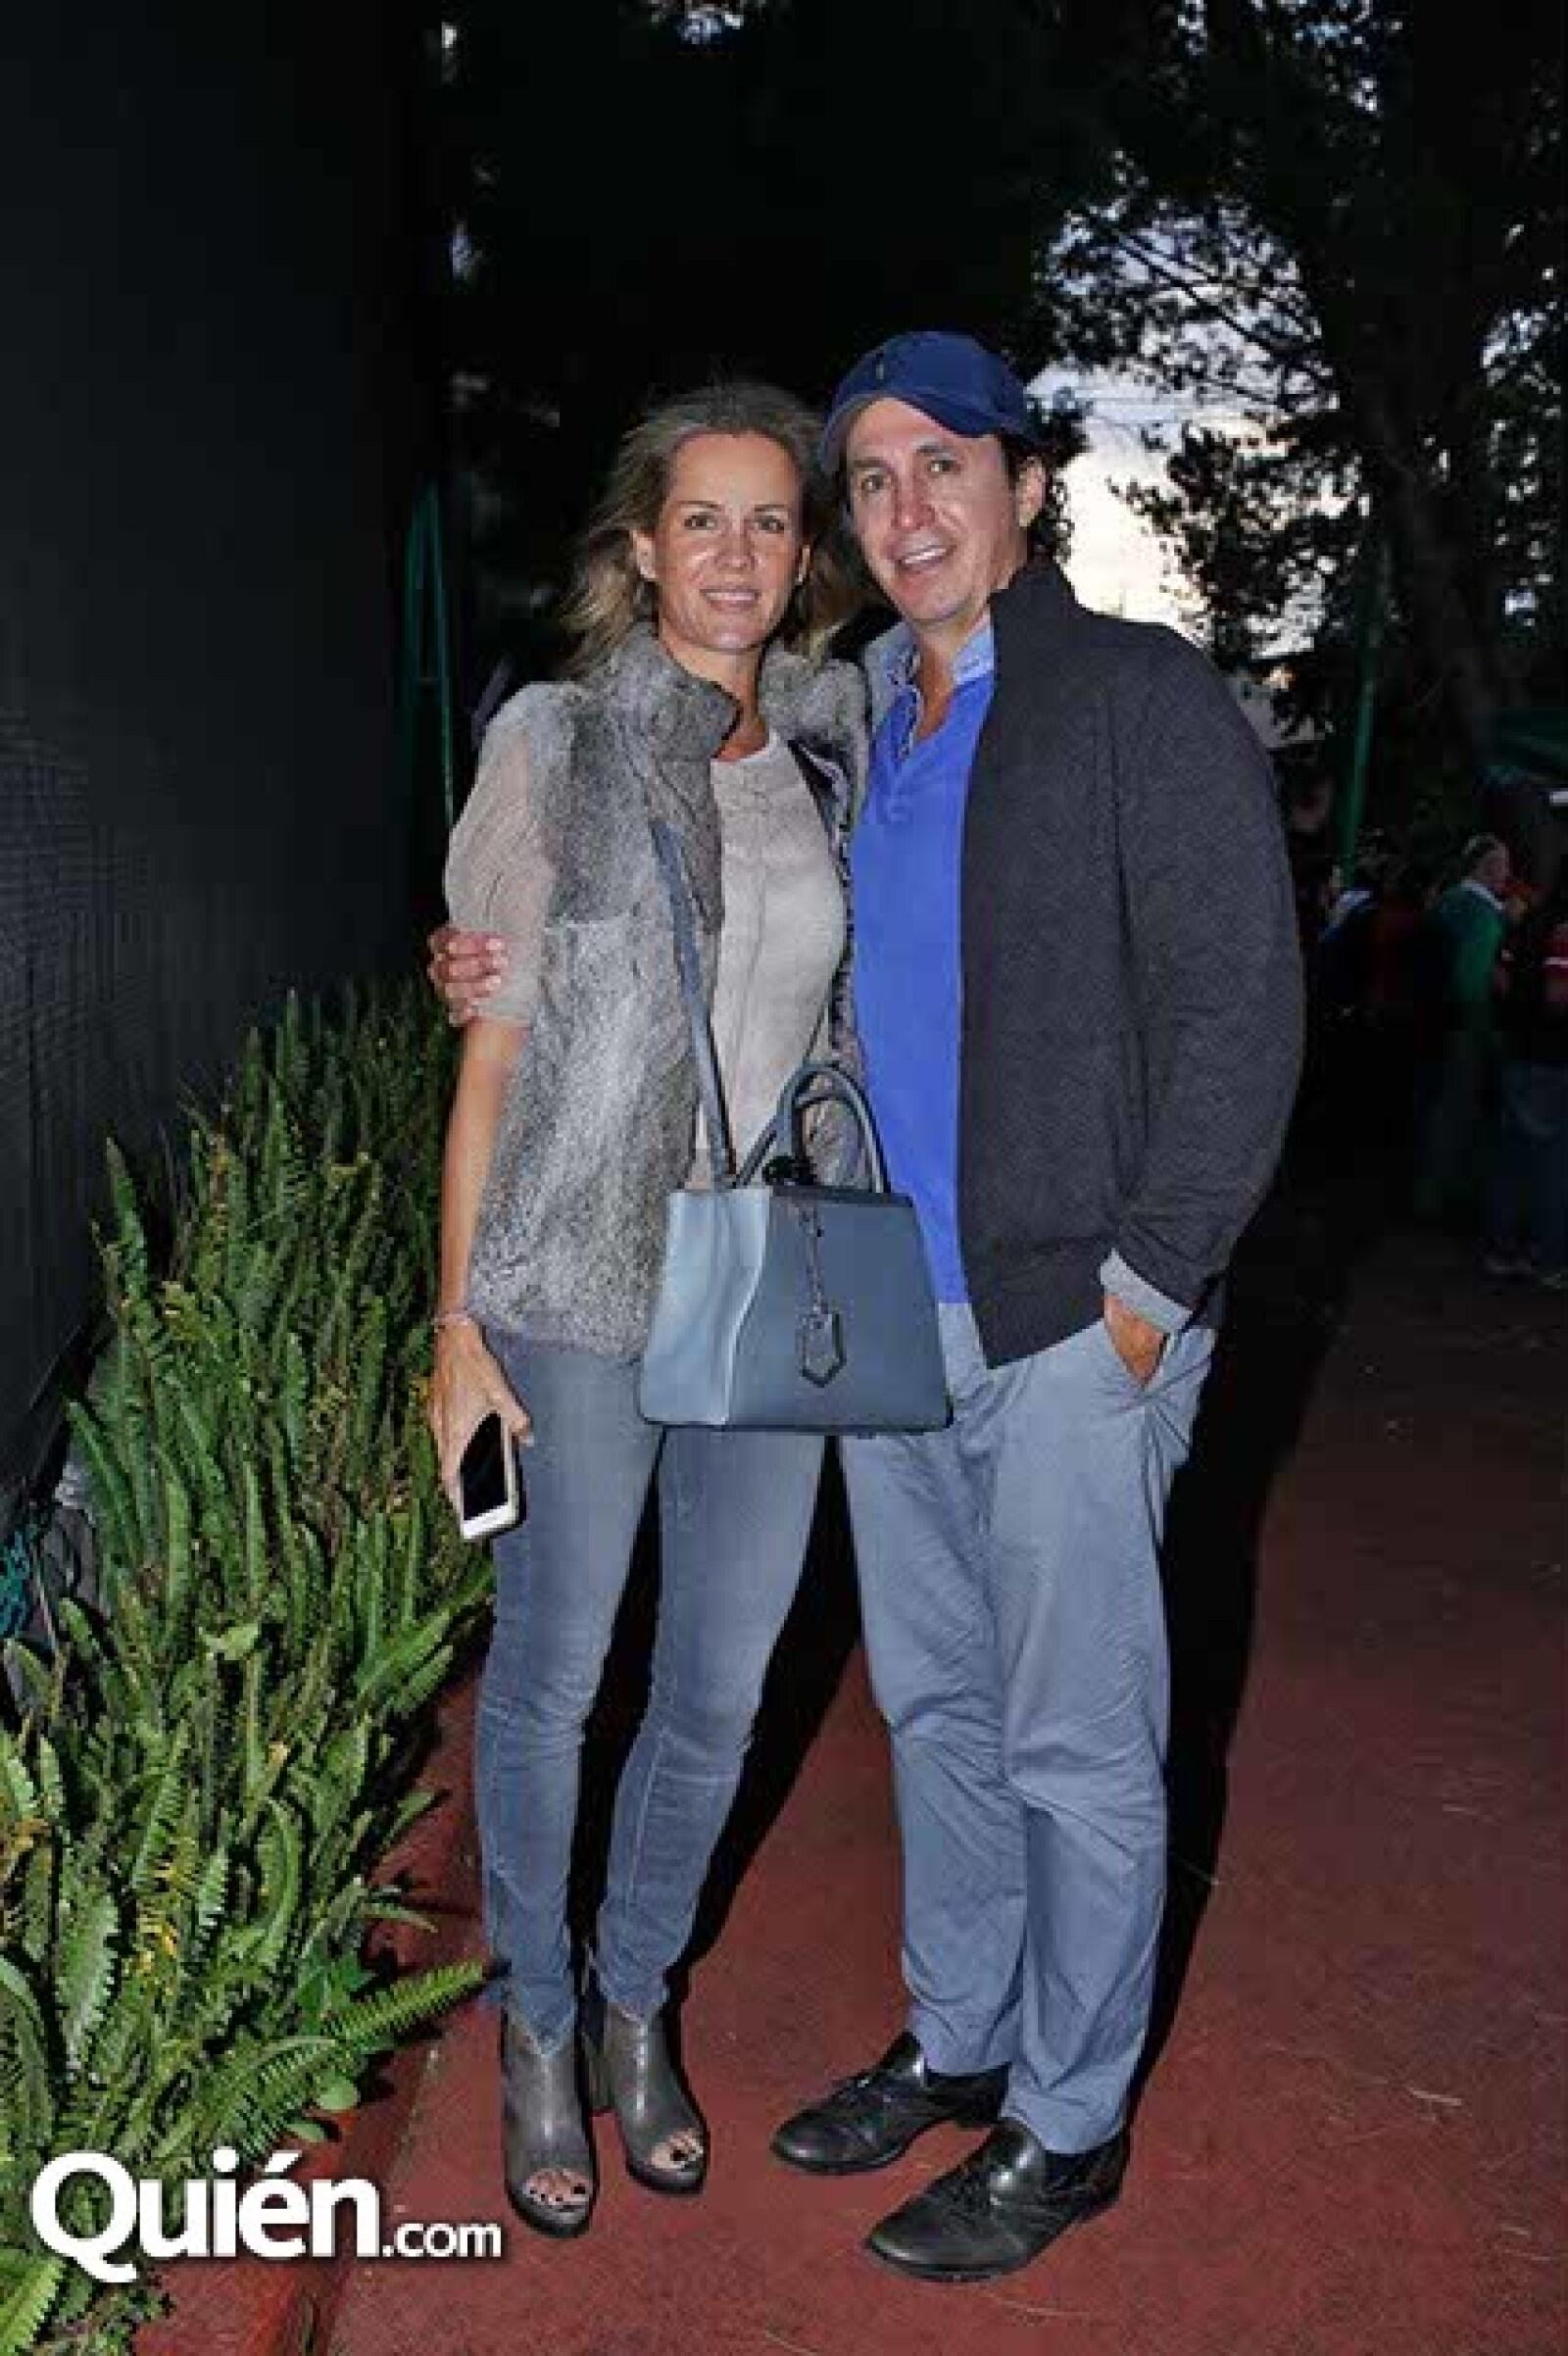 Jacqueline Beristain y Rolf Schlettwein